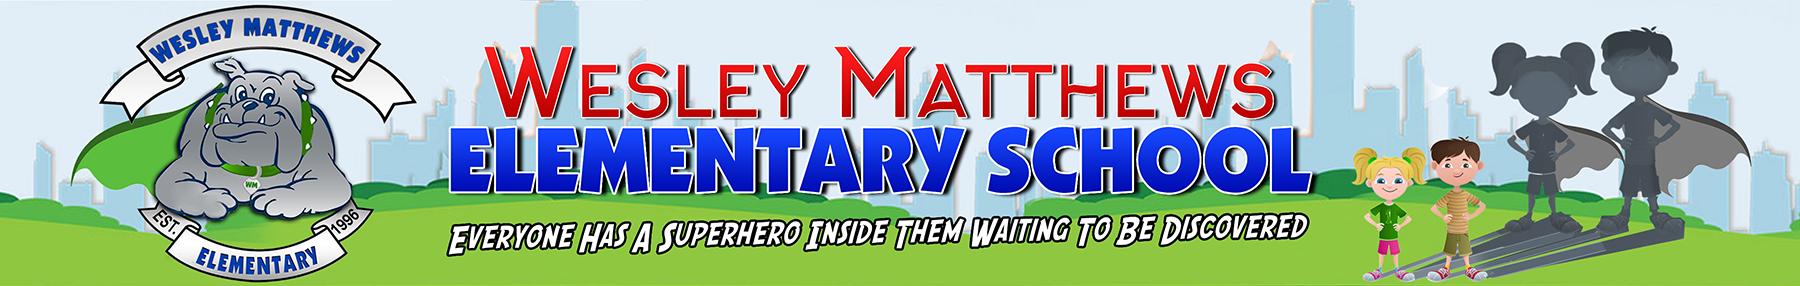 Wesley Matthews Elementary